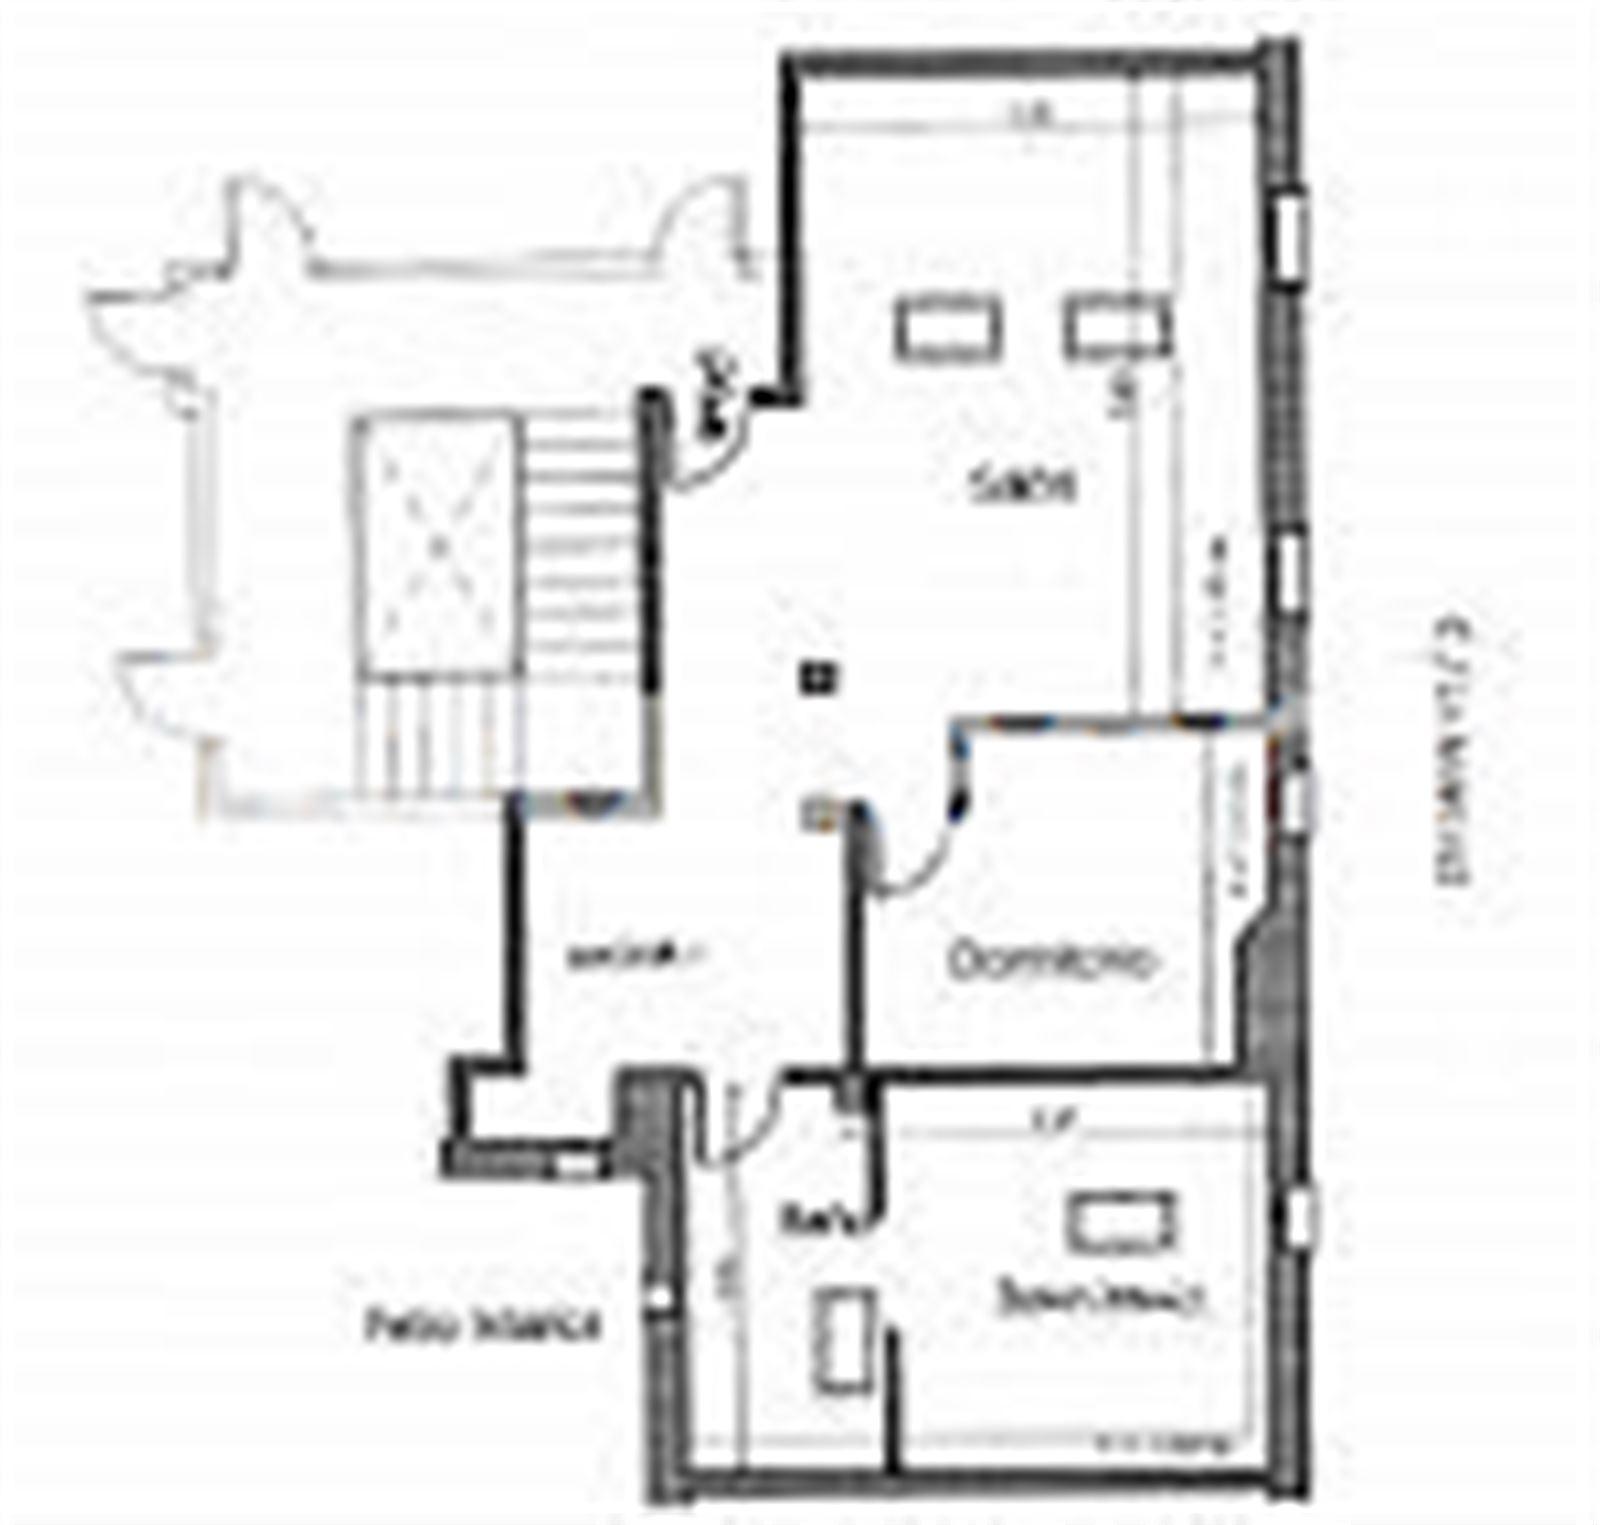 Piso en venta con 57 m2, 2 dormitorios  en Abando (barrutia) (Bilbao (